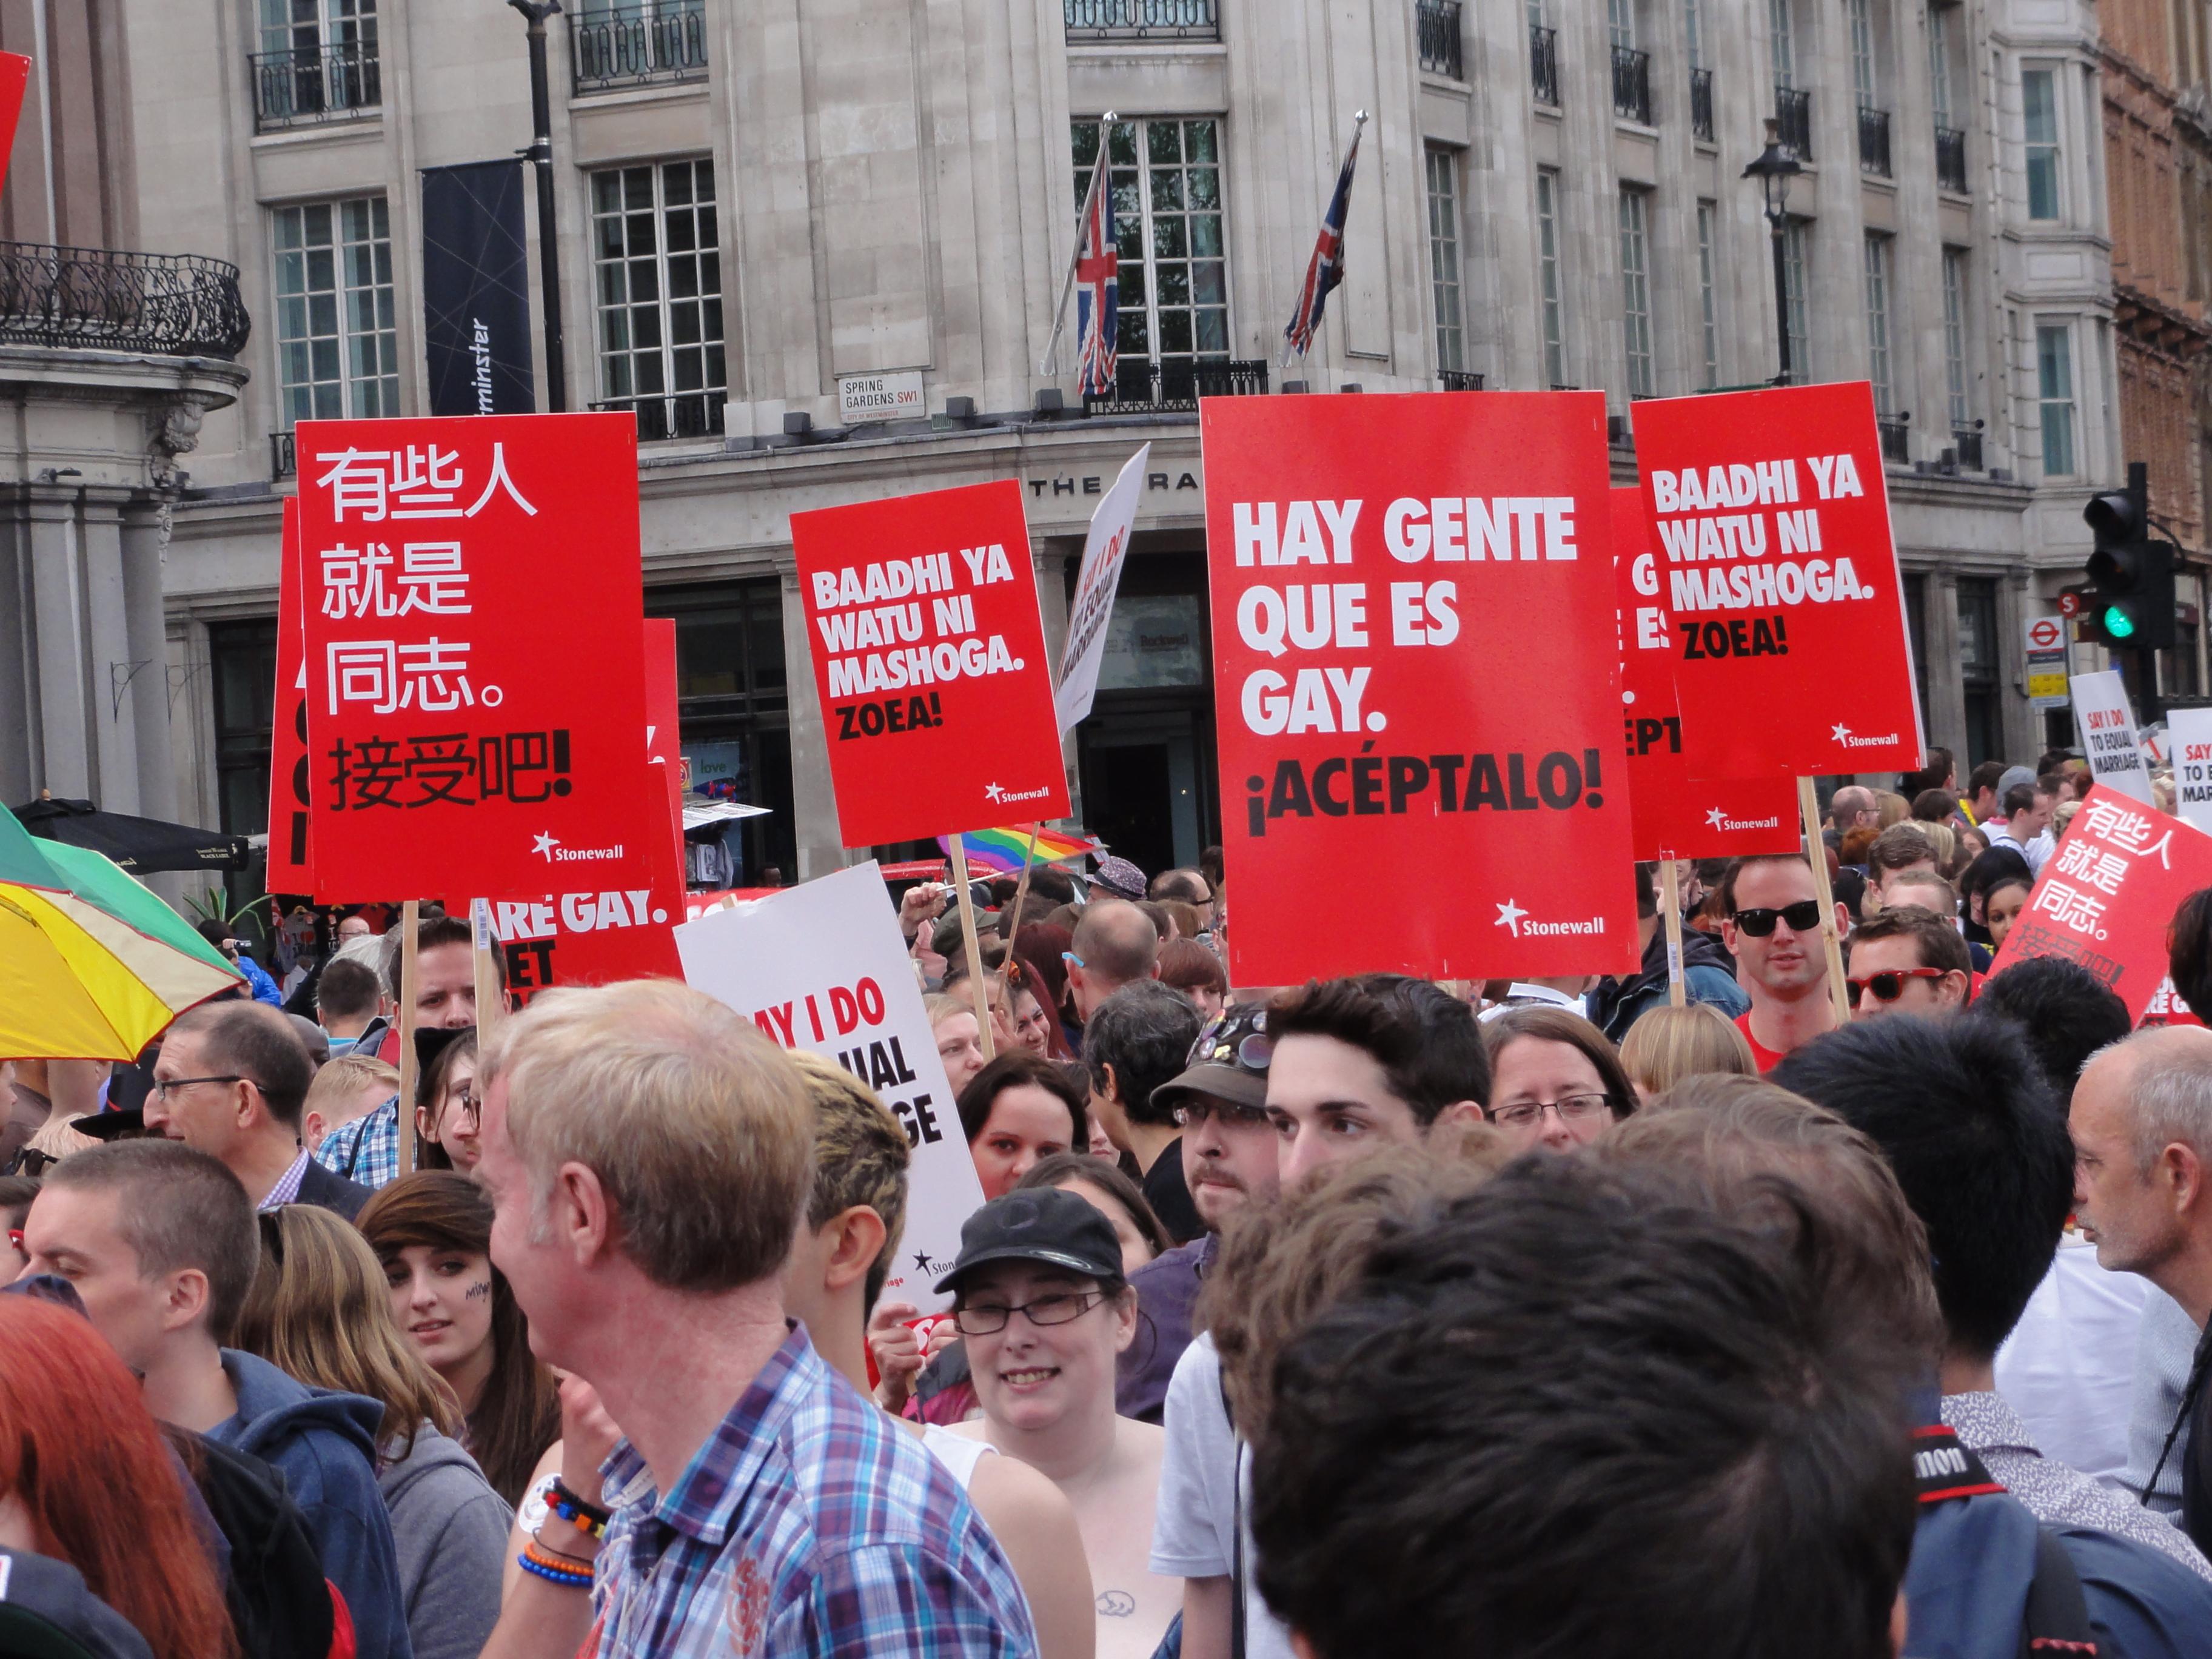 Pride-parad med skyltar på olika språk. Språklig mångfald FTW!